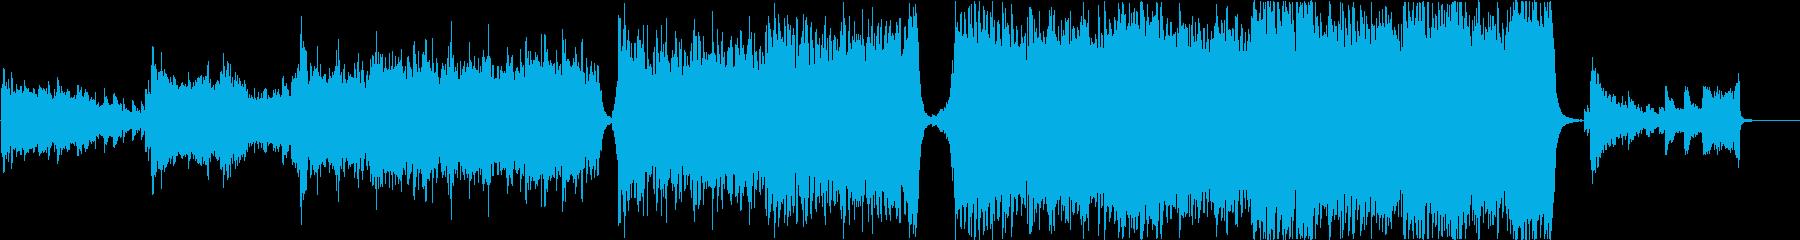 現代的 交響曲 エピック 弦楽器 ...の再生済みの波形